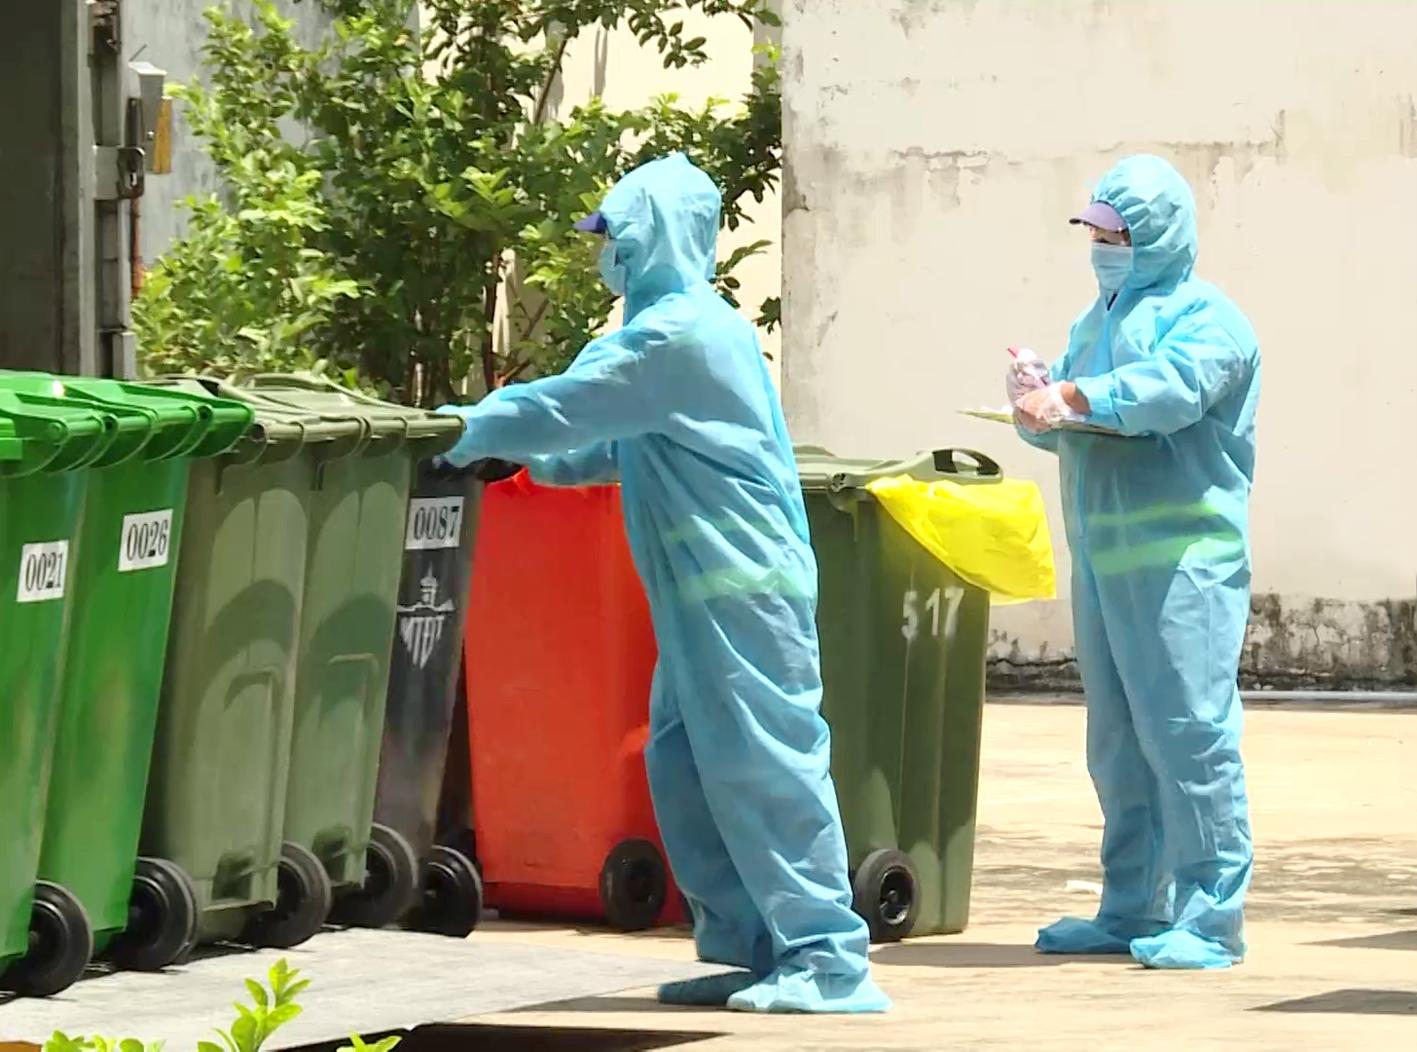 Công nhân Công ty TNHH một thành viên Môi trường đô thị TP.HCM thu gom chất thải tại một khu cách ly - ẢNH: SƠN VINH